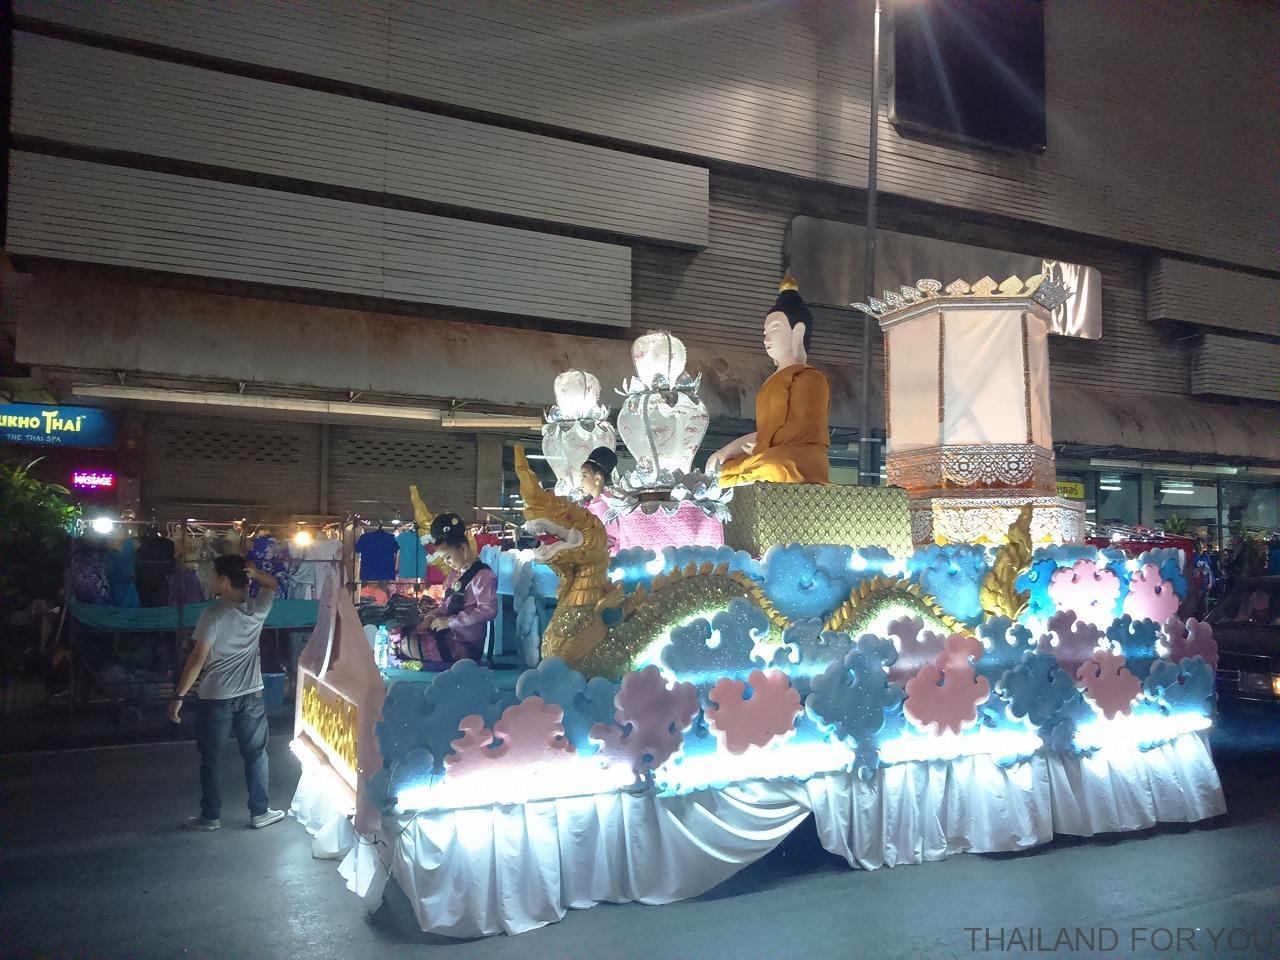 チェンマイ ロイクラトン イーペン祭り パレード 写真